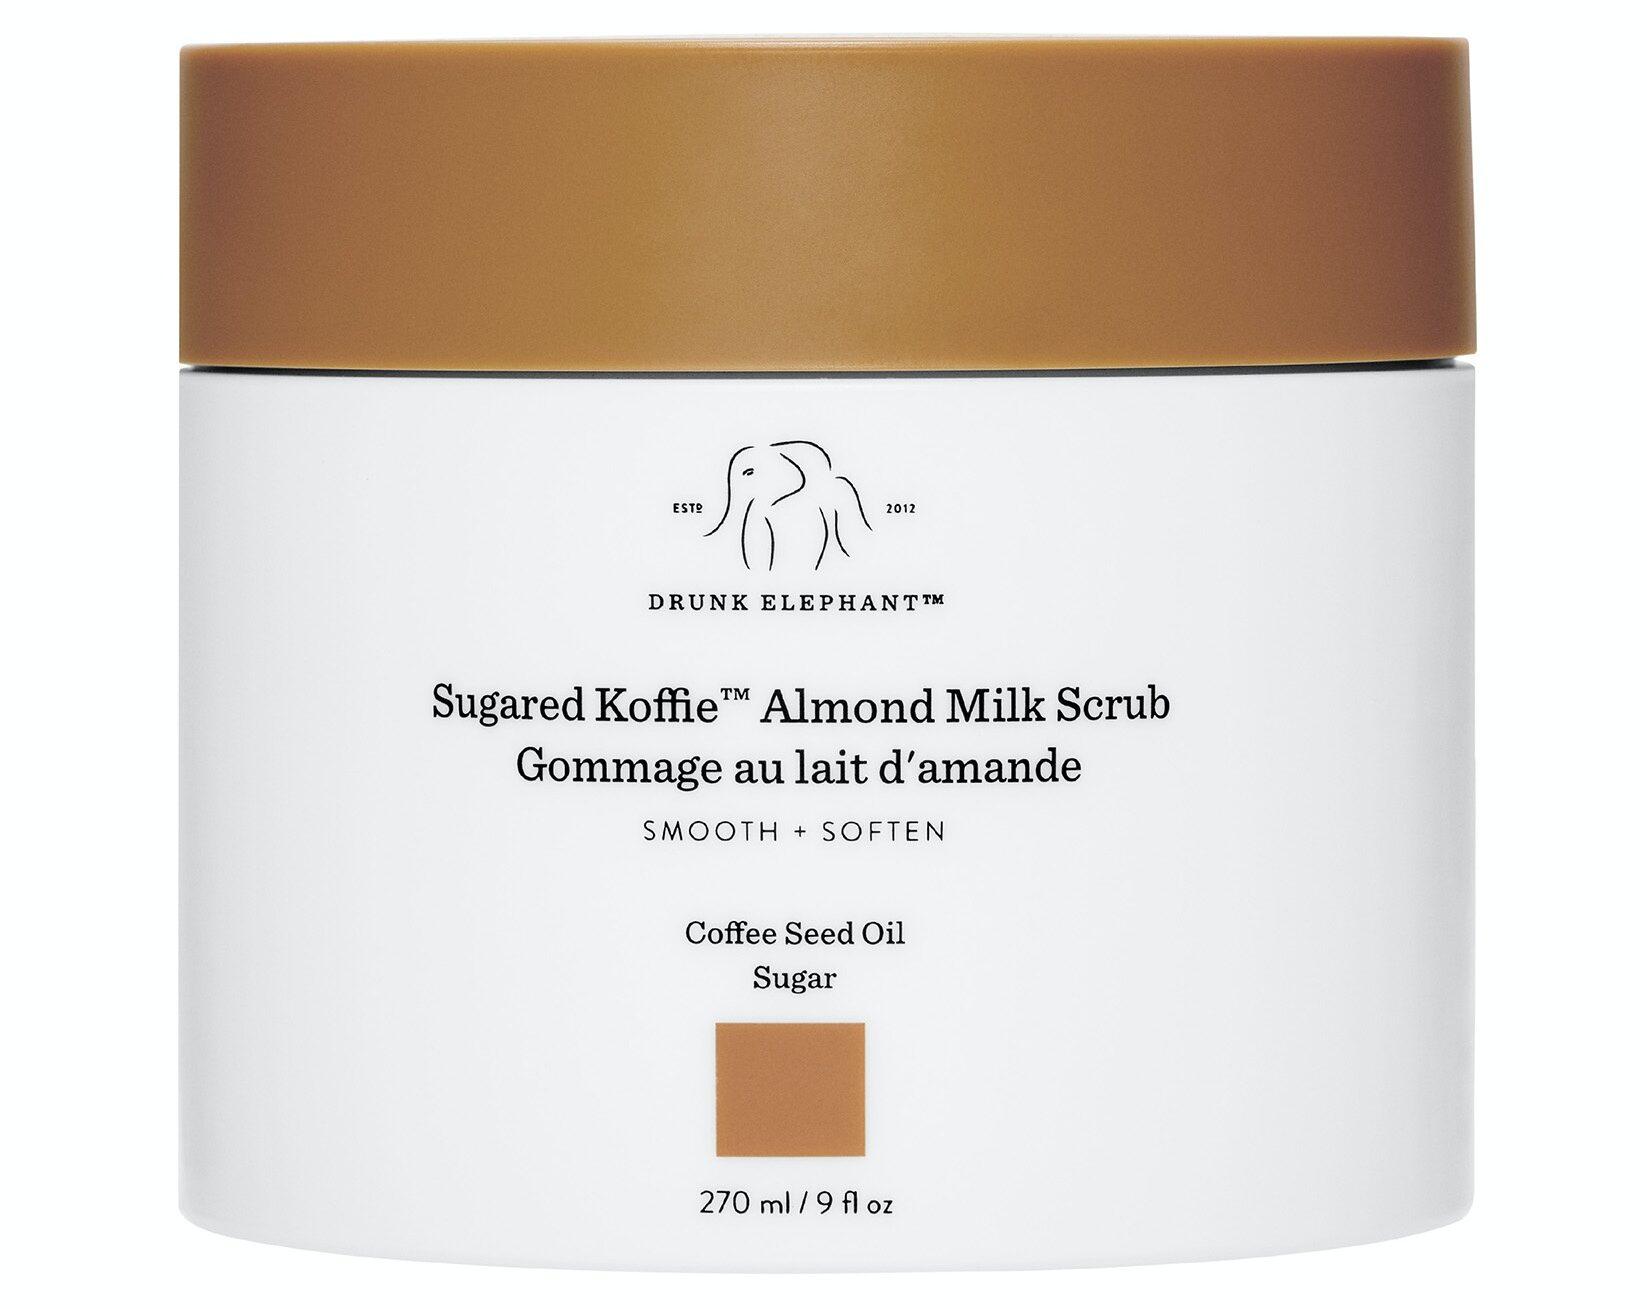 Drunk Elephant Body Scrub Milk Almond